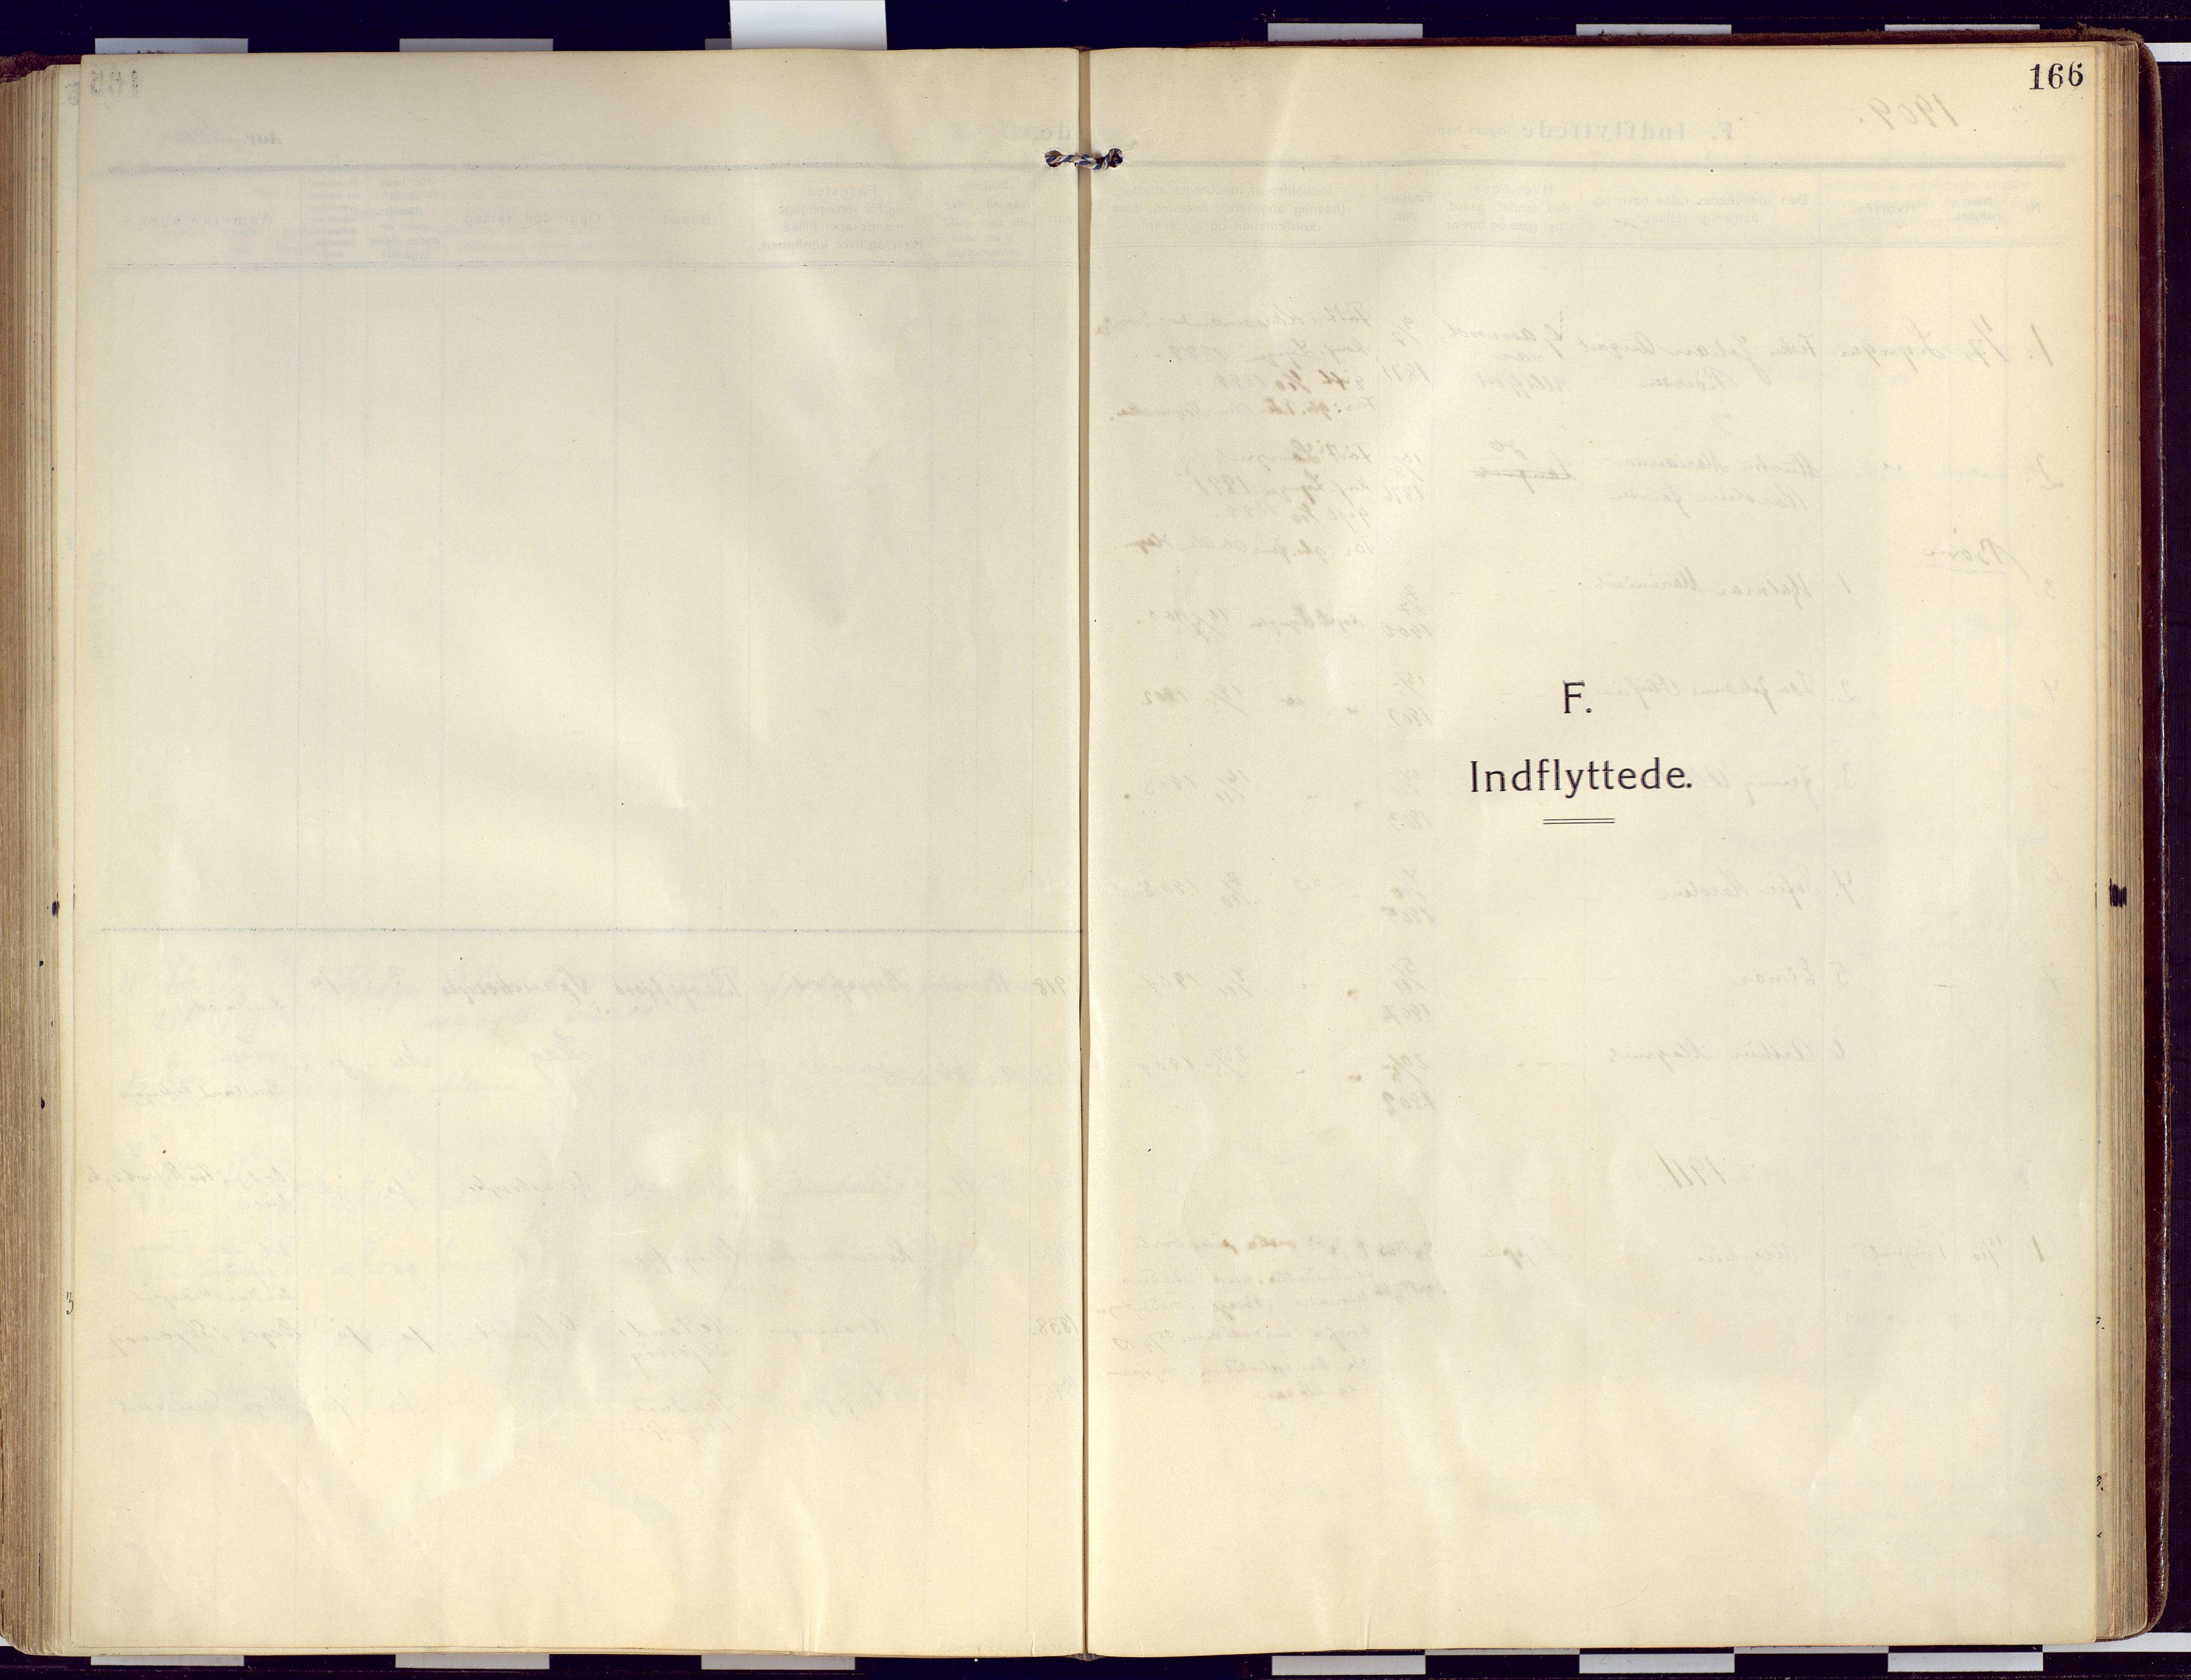 SATØ, Loppa sokneprestkontor, H/Ha/L0011kirke: Ministerialbok nr. 11, 1909-1919, s. 166